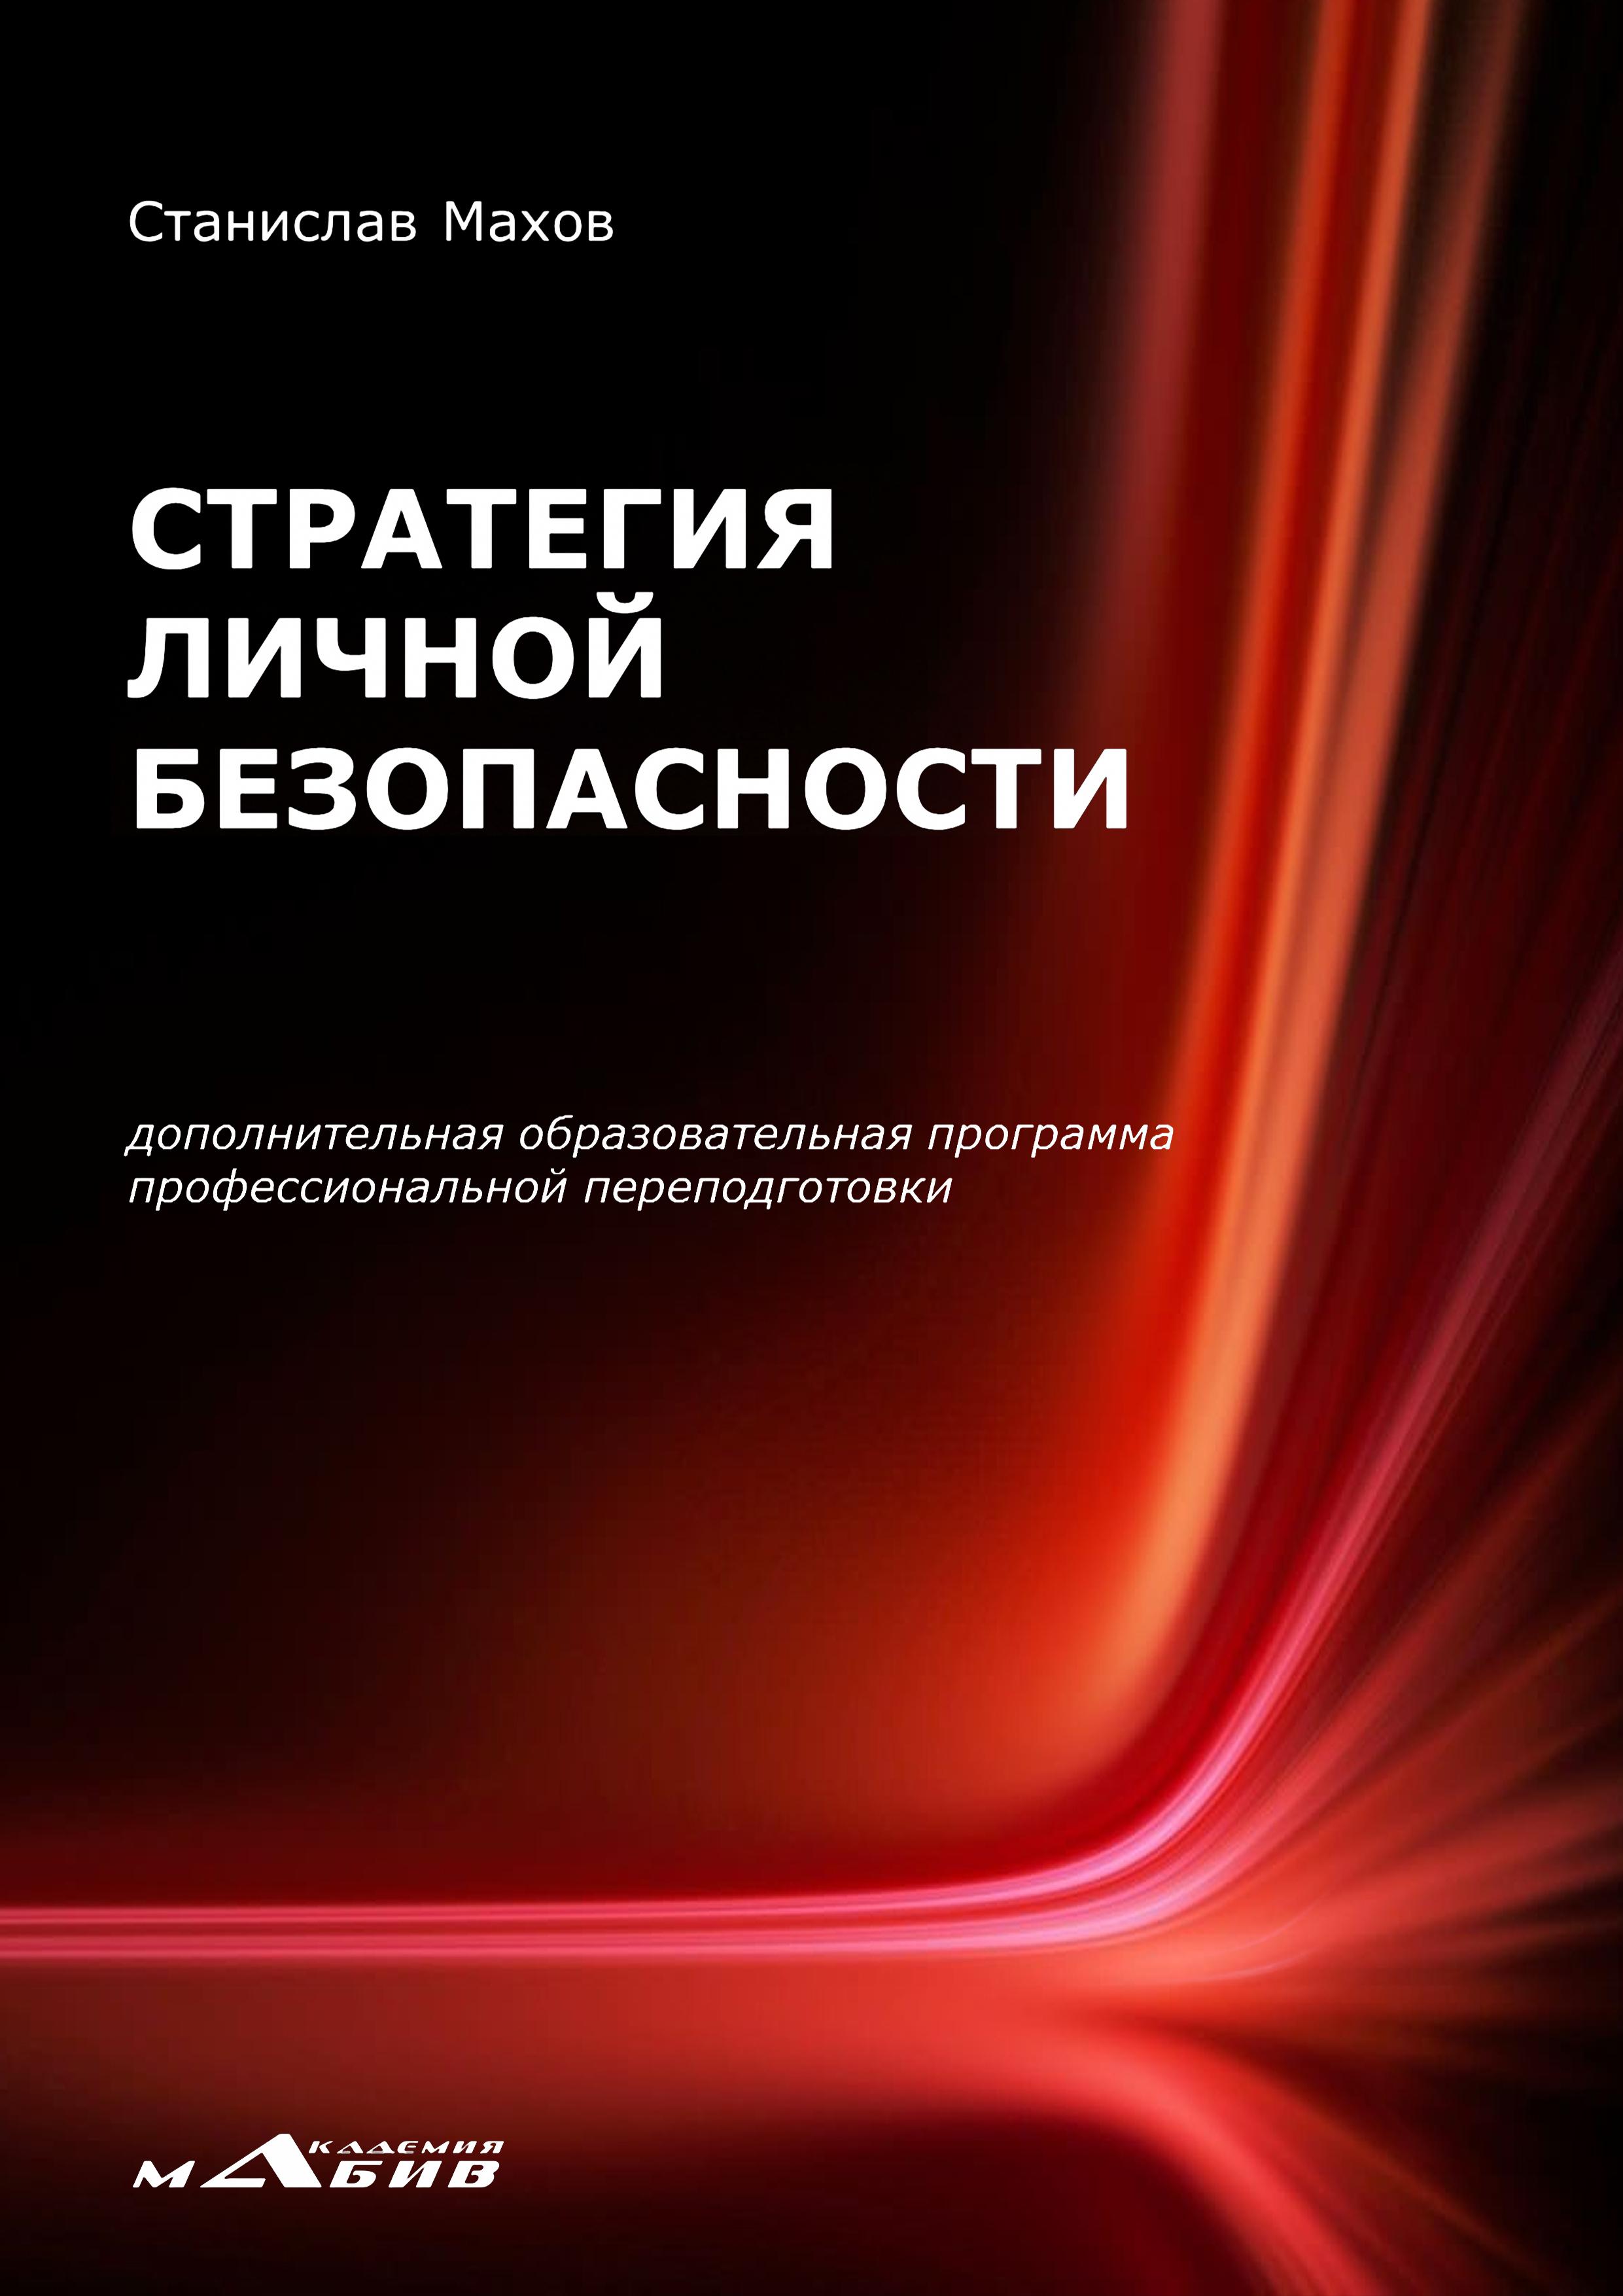 С. Ю. Махов Стратегия личной безопасности. Дополнительная образовательная программа профессиональной переподготовки цены онлайн